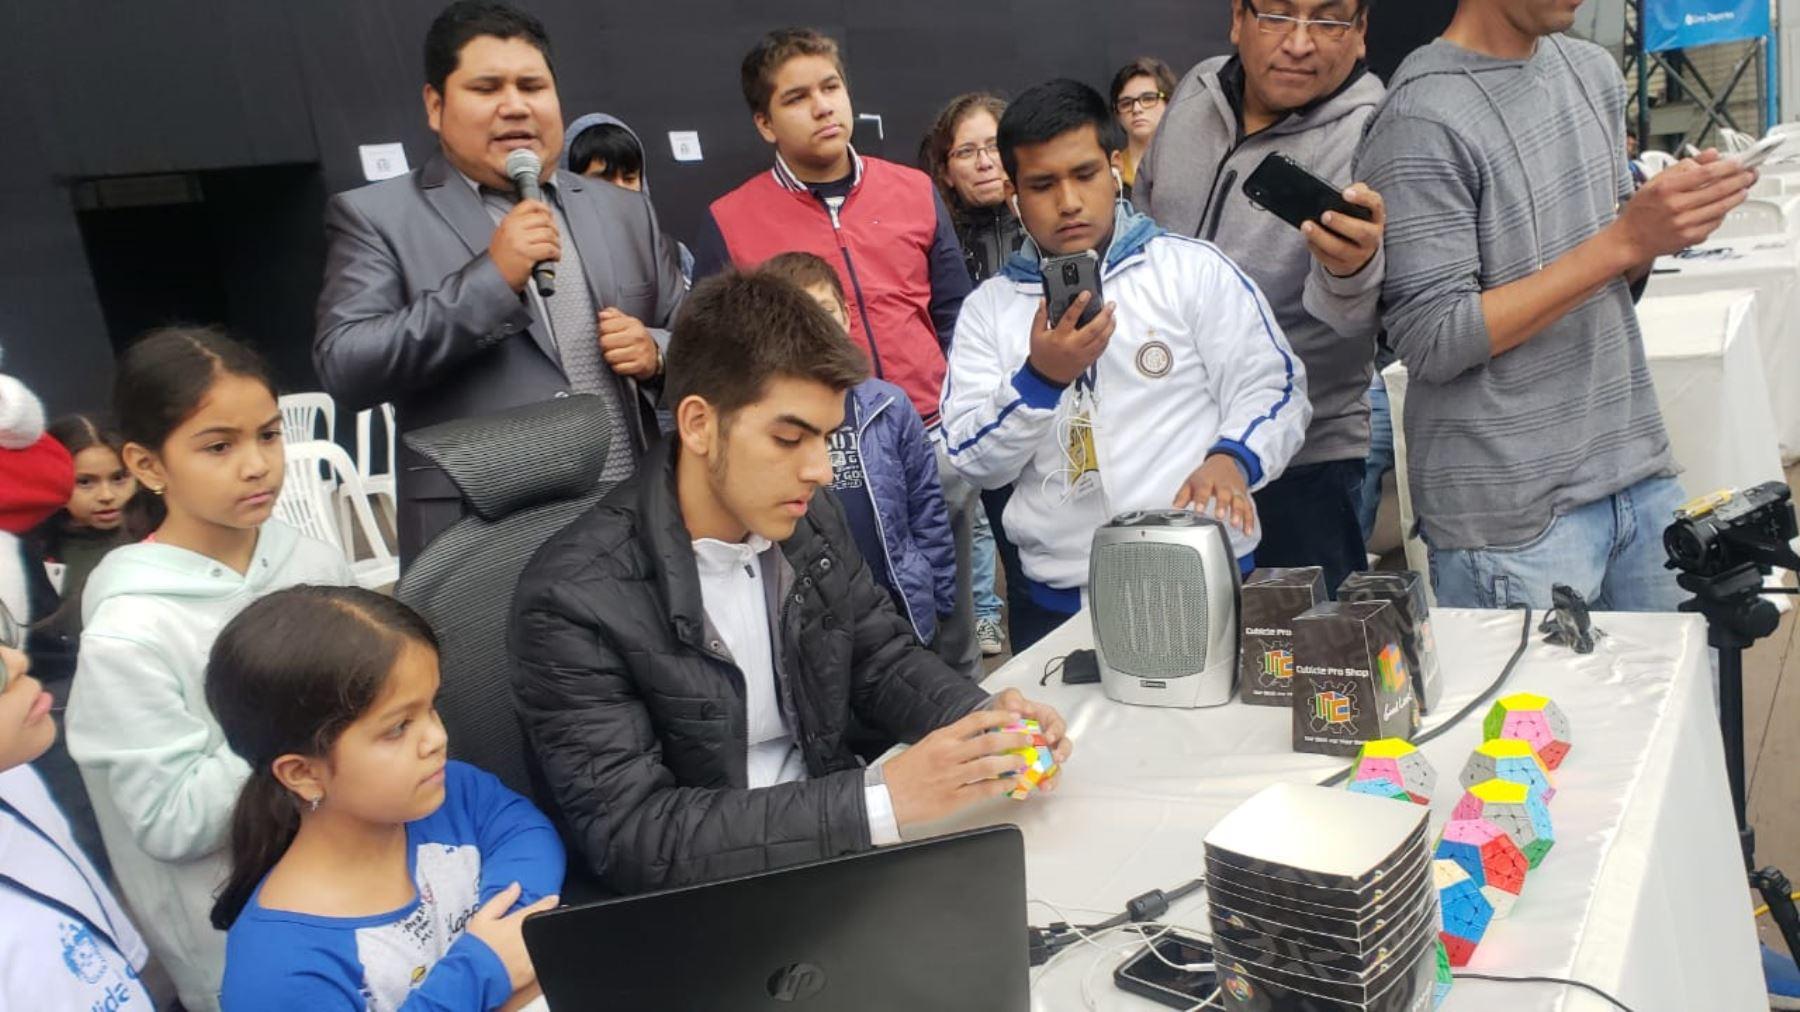 Juan Pablo Huanqui ya tiene un cuarto Record Guinness armando cubos megaminxs.